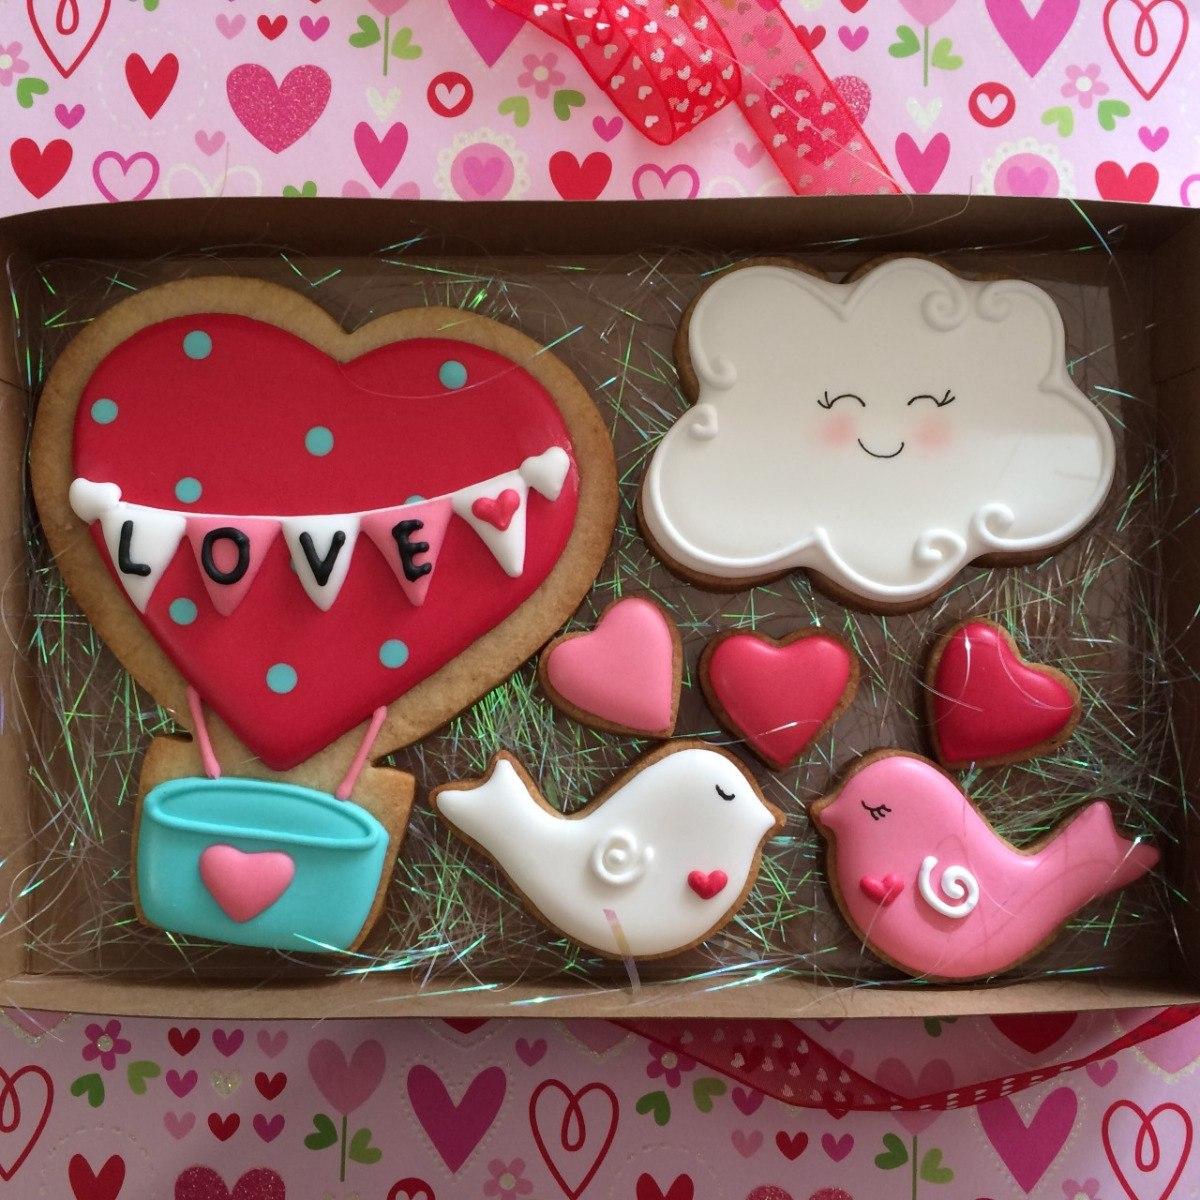 Galletas Decoradas 14 Febrero San Valentin Amor Y Amistad